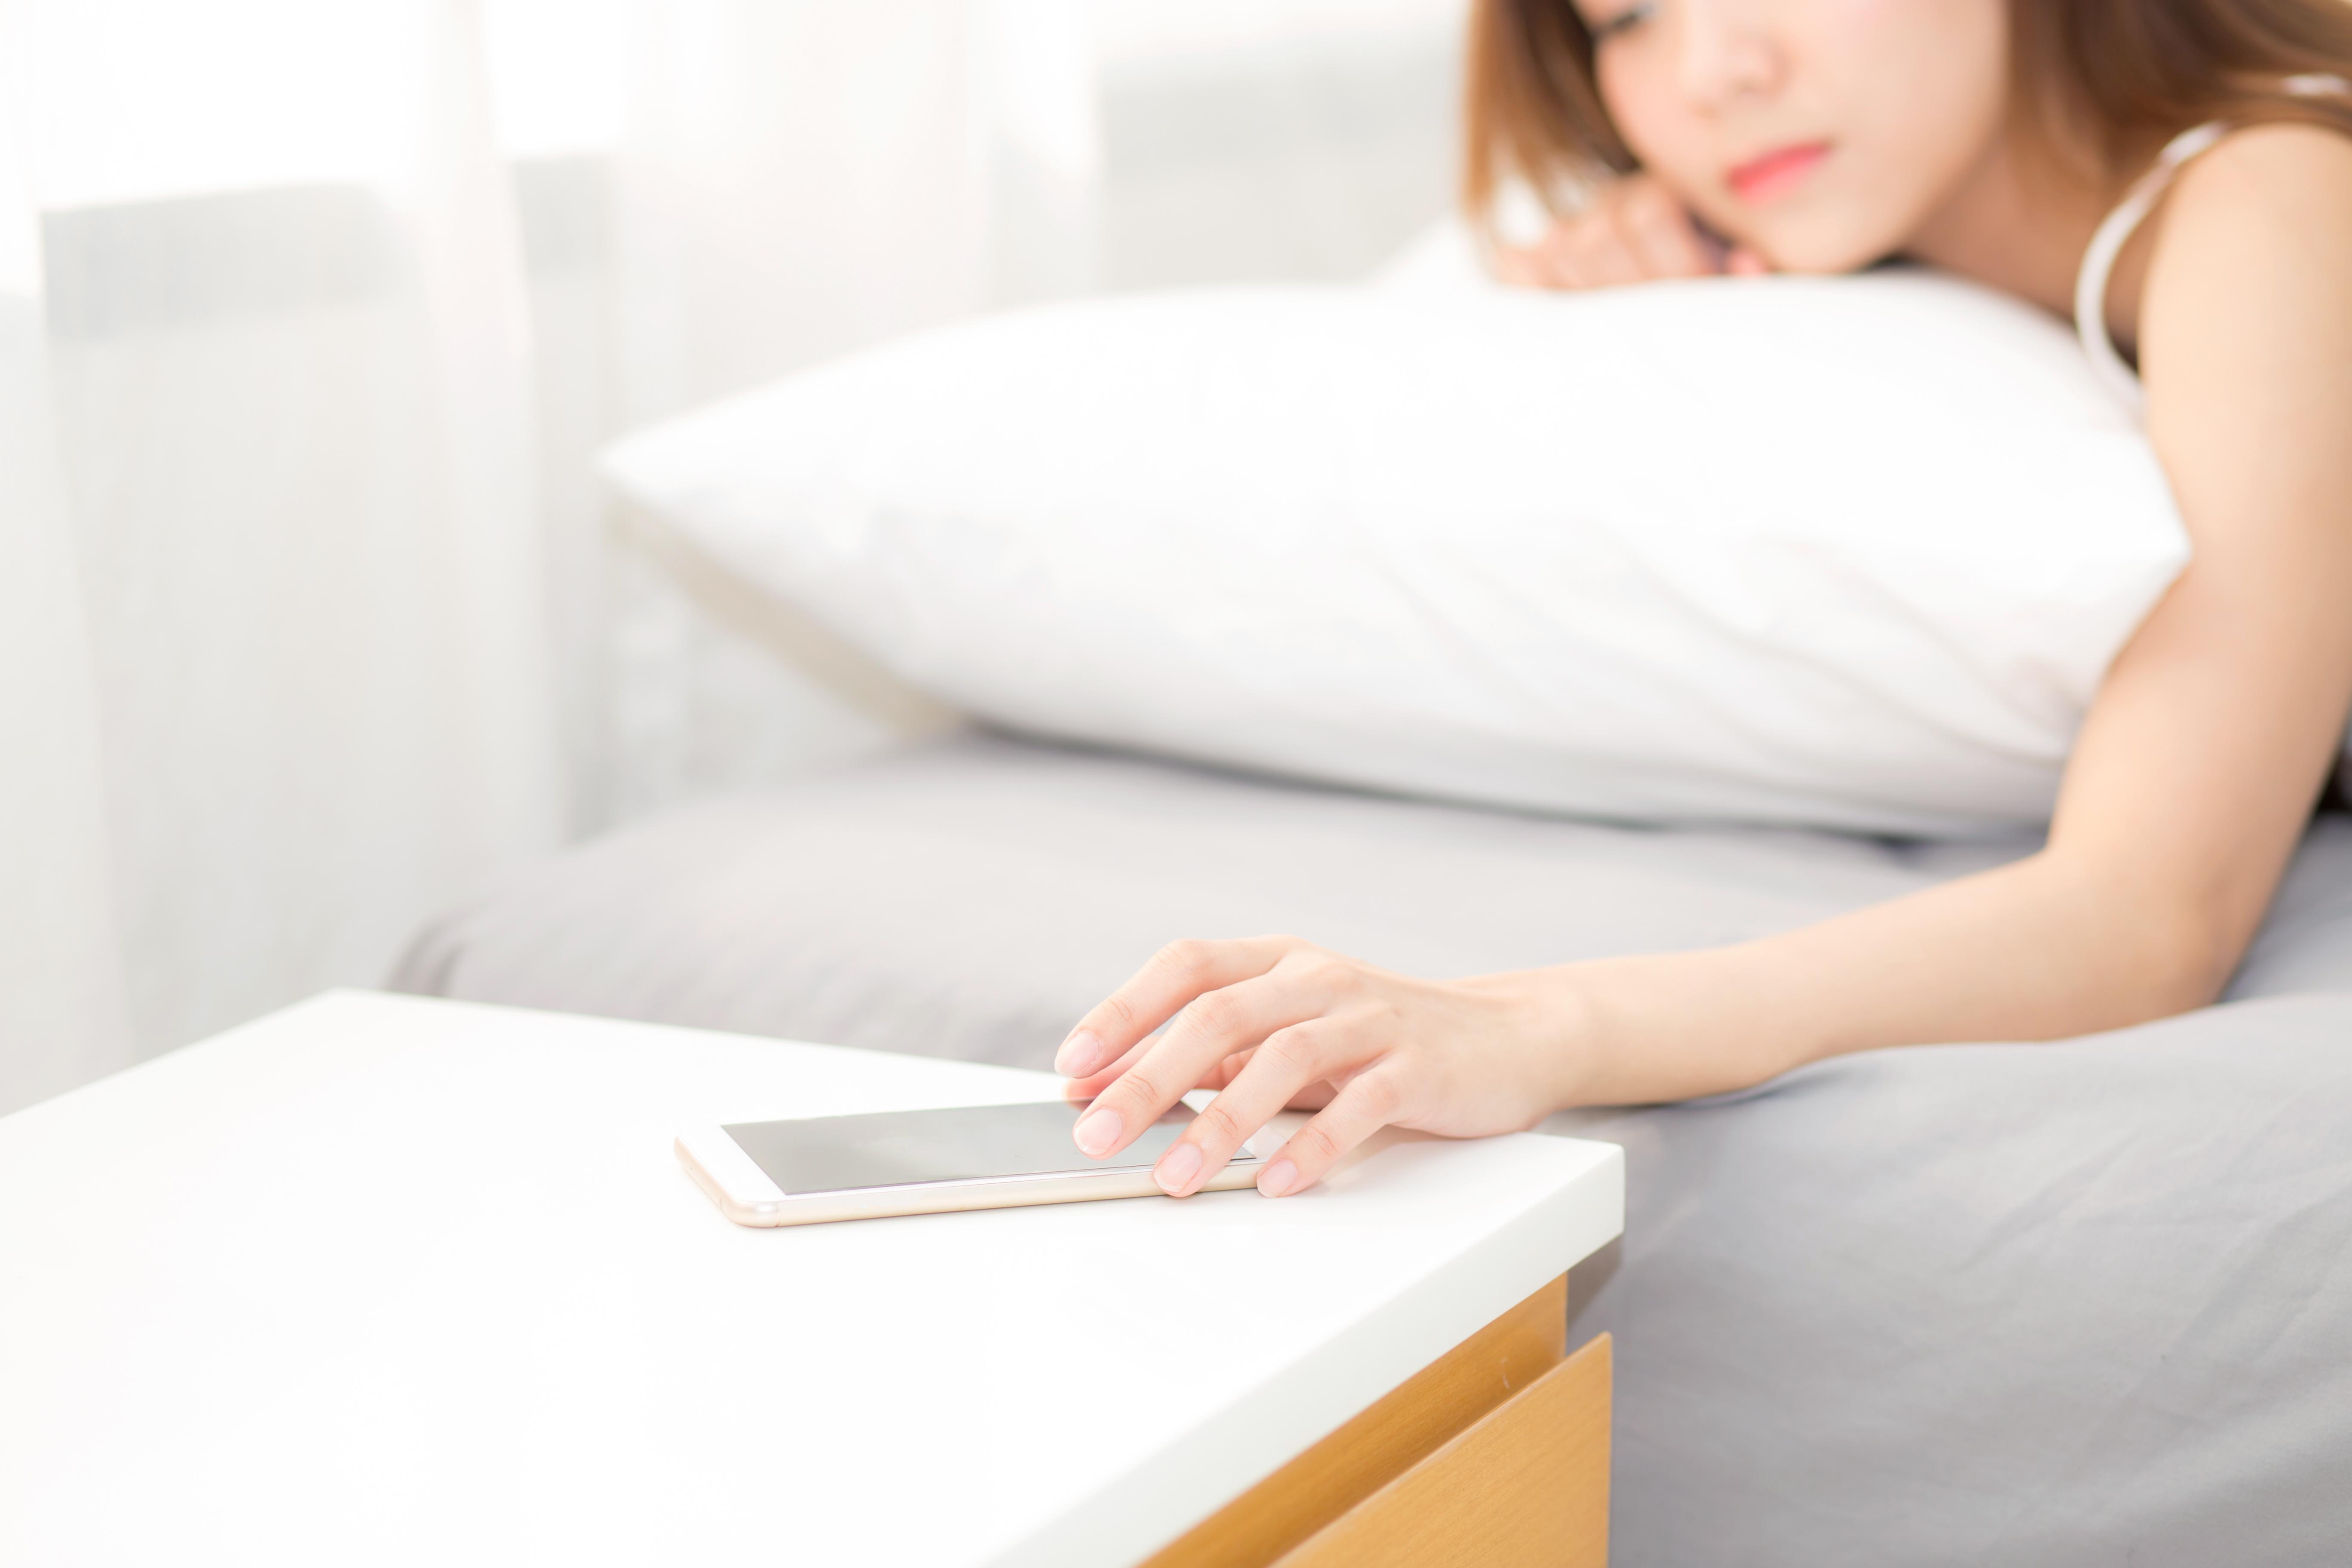 bigstock-Hand-Of-Woman-Turn-Off-Alarm-O-227764183